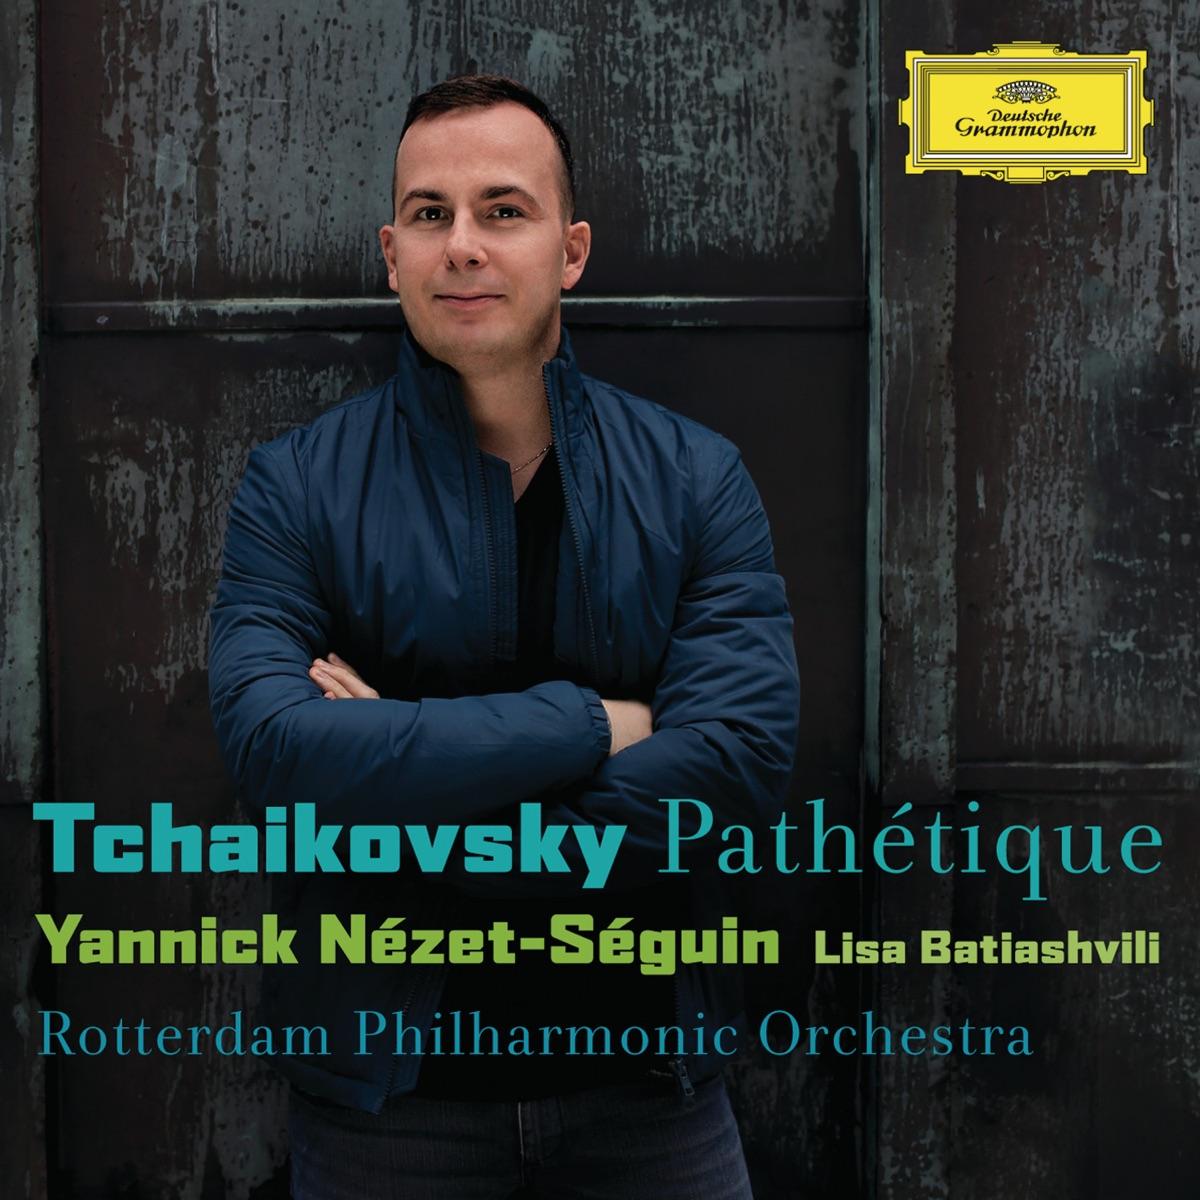 Tchaikovsky Pathétique Lisa Batiashvili Rotterdam Philharmonic Orchestra  Yannick Nézet-Séguin CD cover